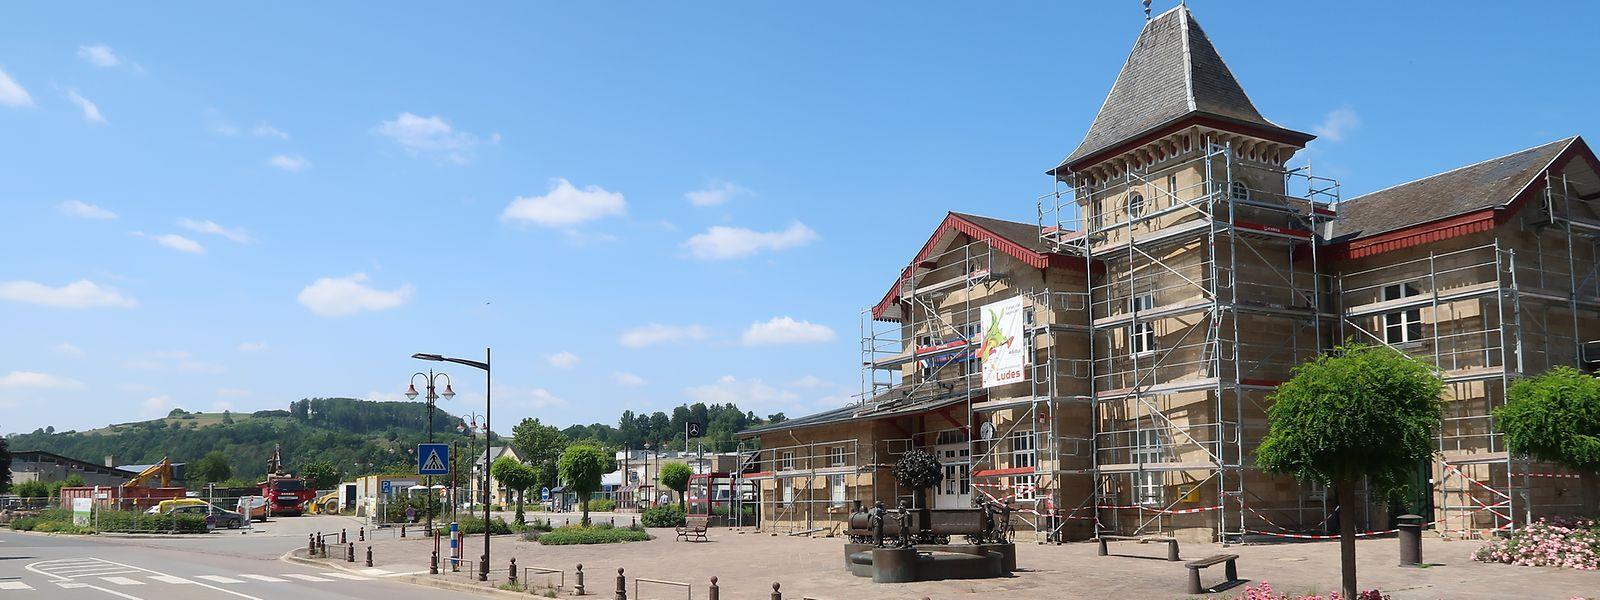 Das Bahnhofsgebäude von Diekirch erhält eine neue Fassade.